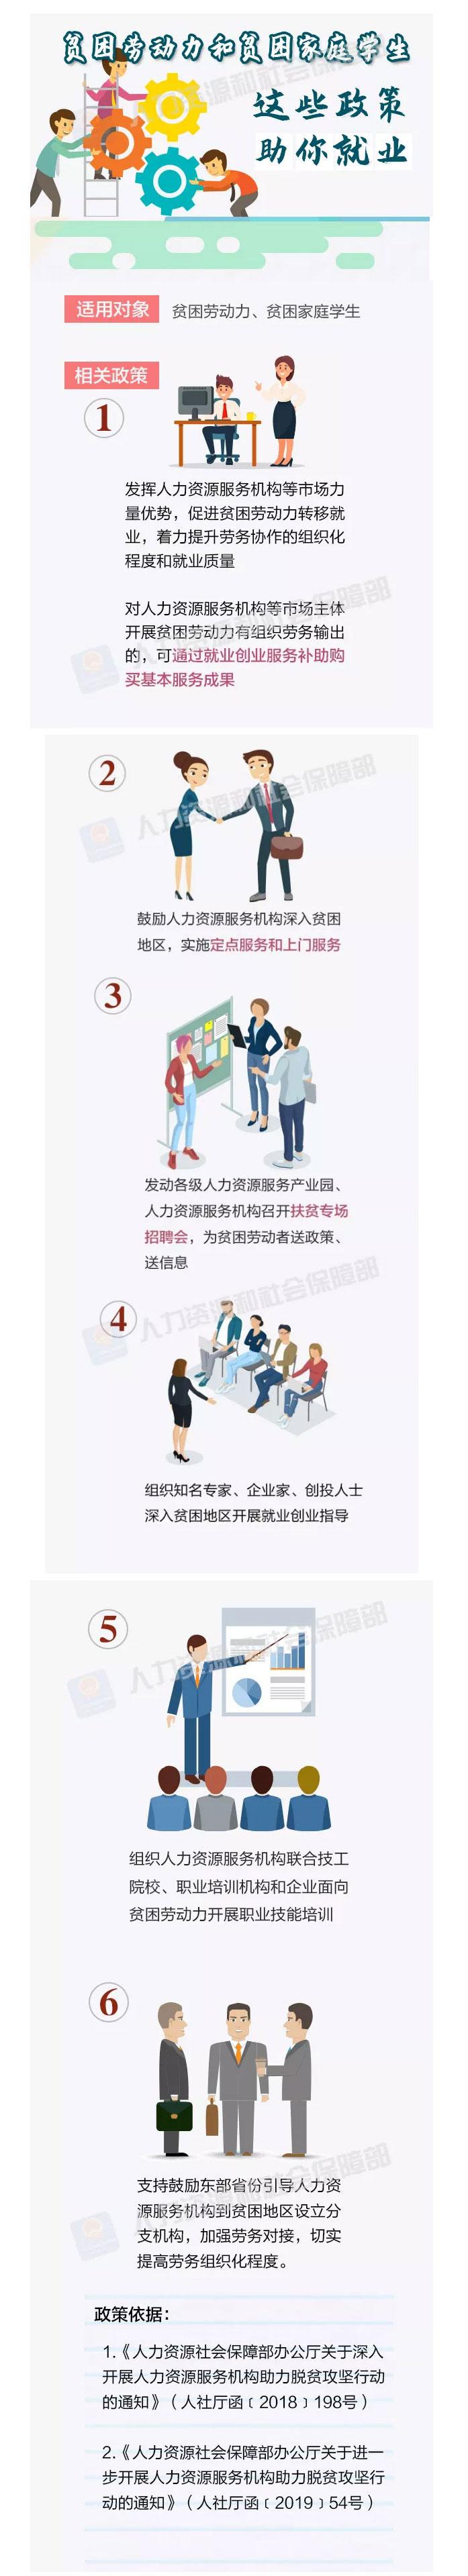 @贫困劳动力和贫困家庭学生,这些政策帮你就业 新湖南www.hunanabc.com